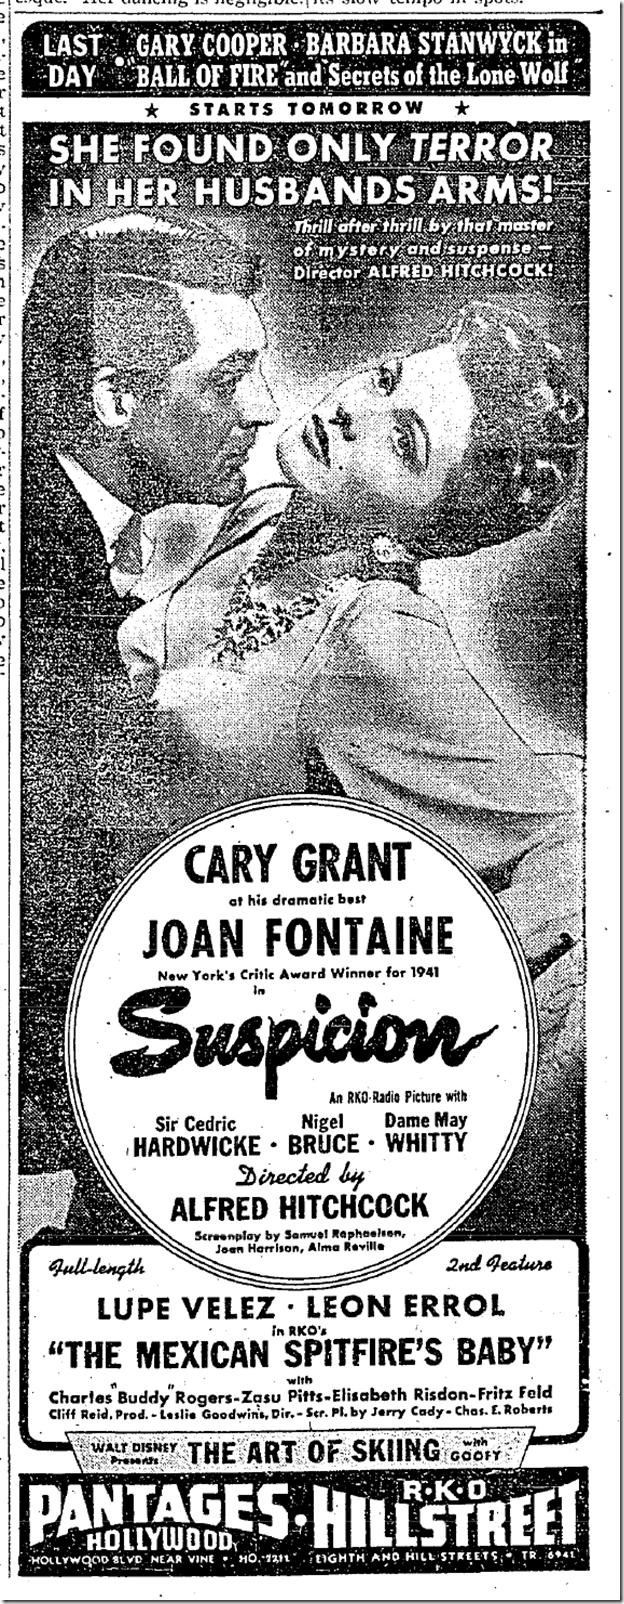 Jan. 19, 1942, Suspicion